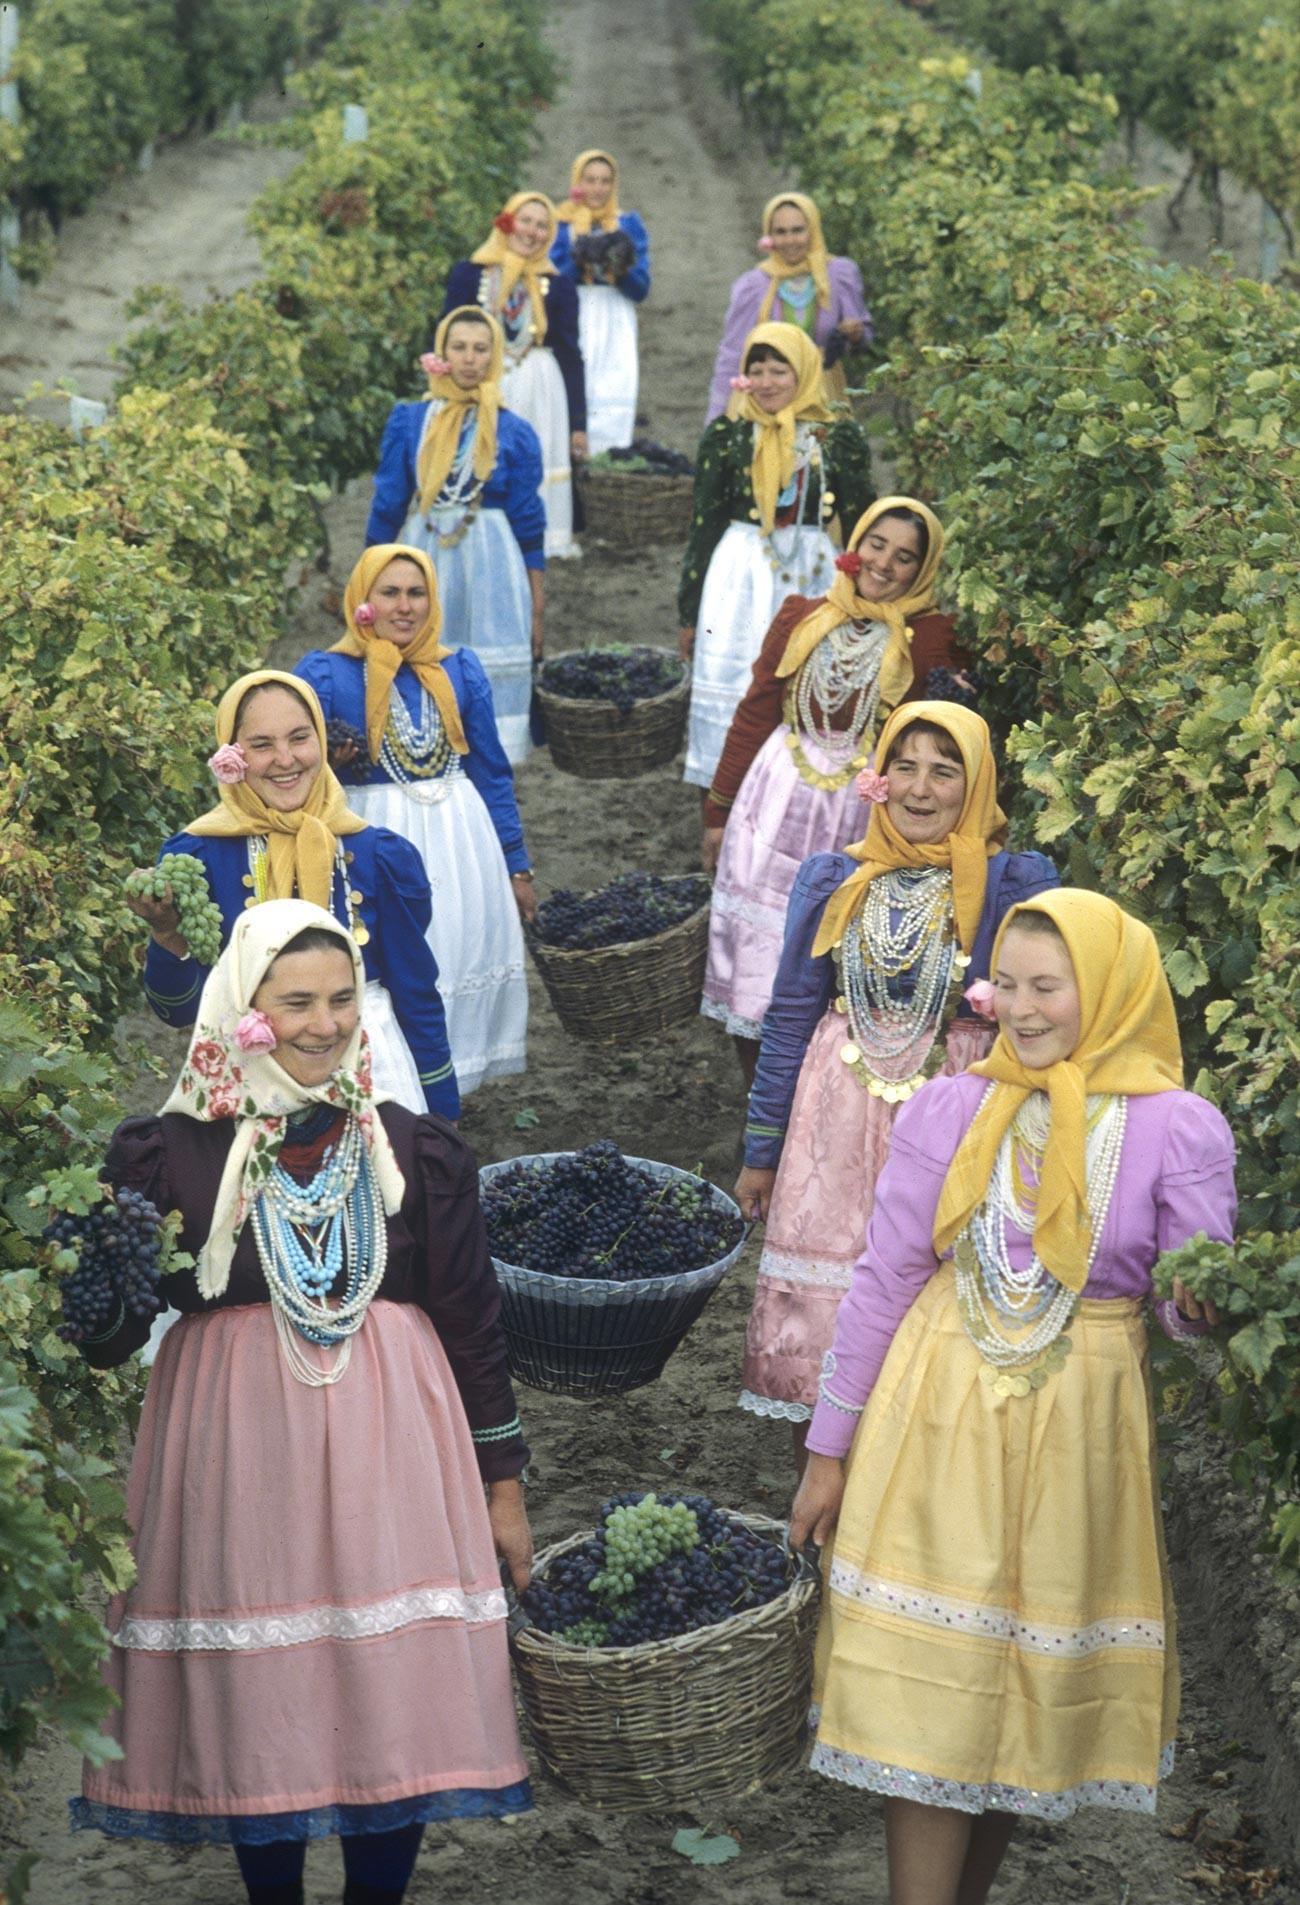 Colheita de uvas em vila na Moldávia, 1982